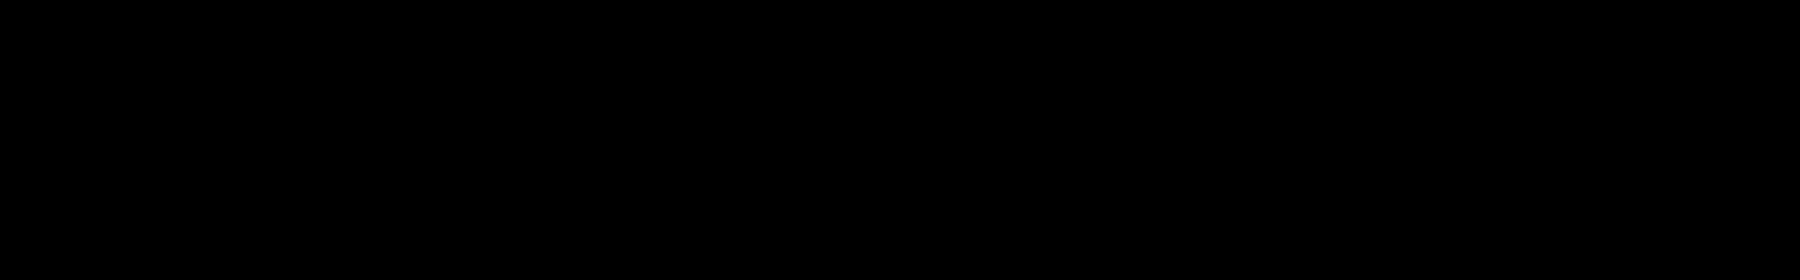 Dark Techno 5 audio waveform